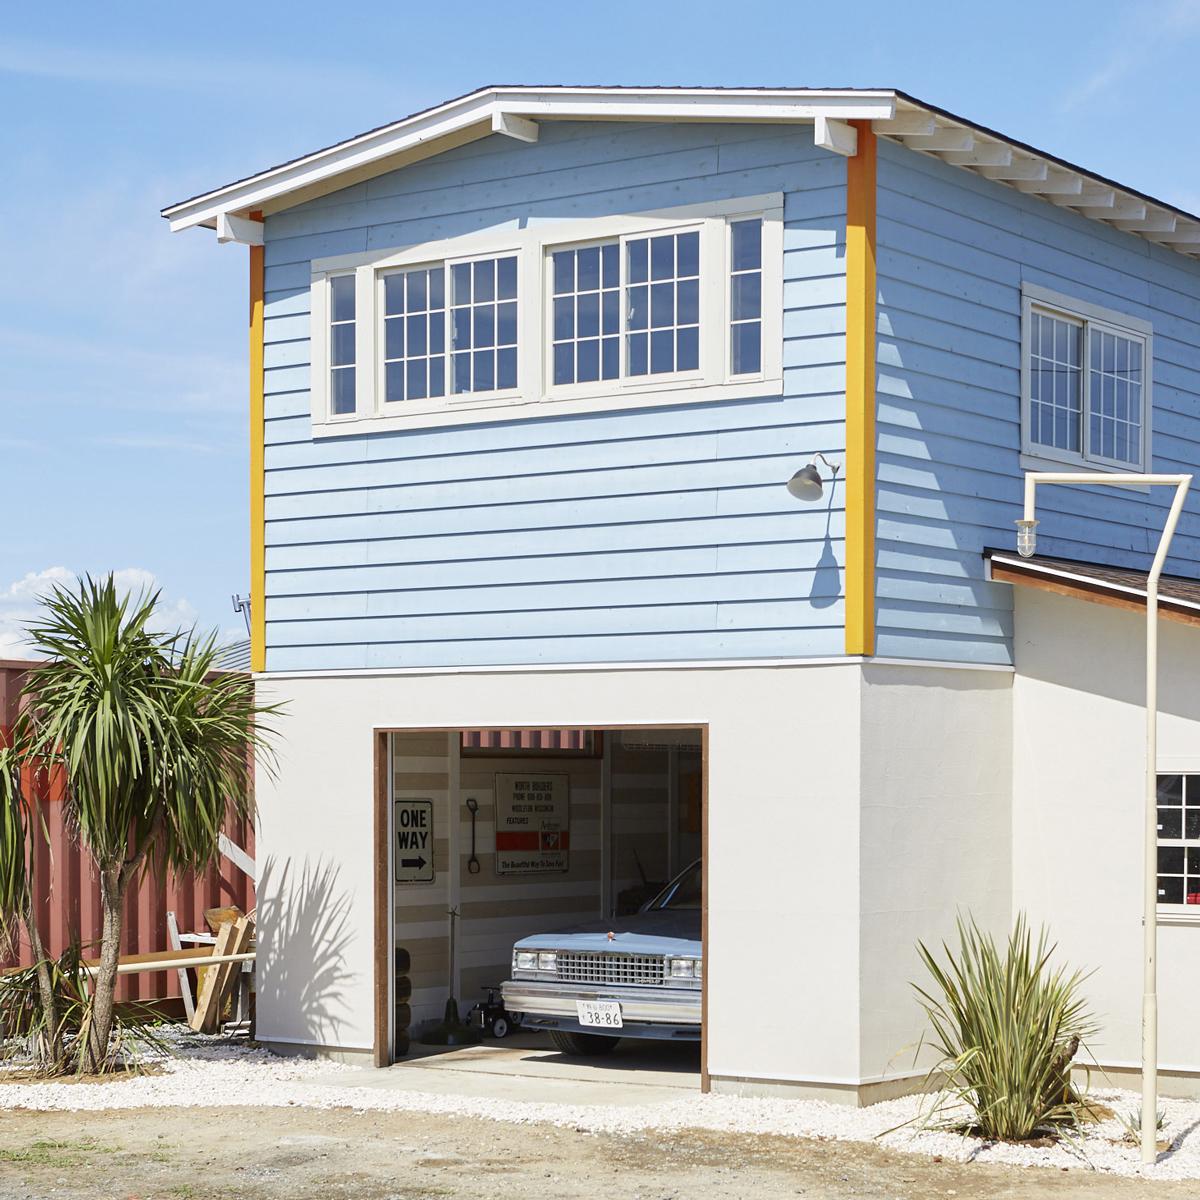 Nakajima's garage